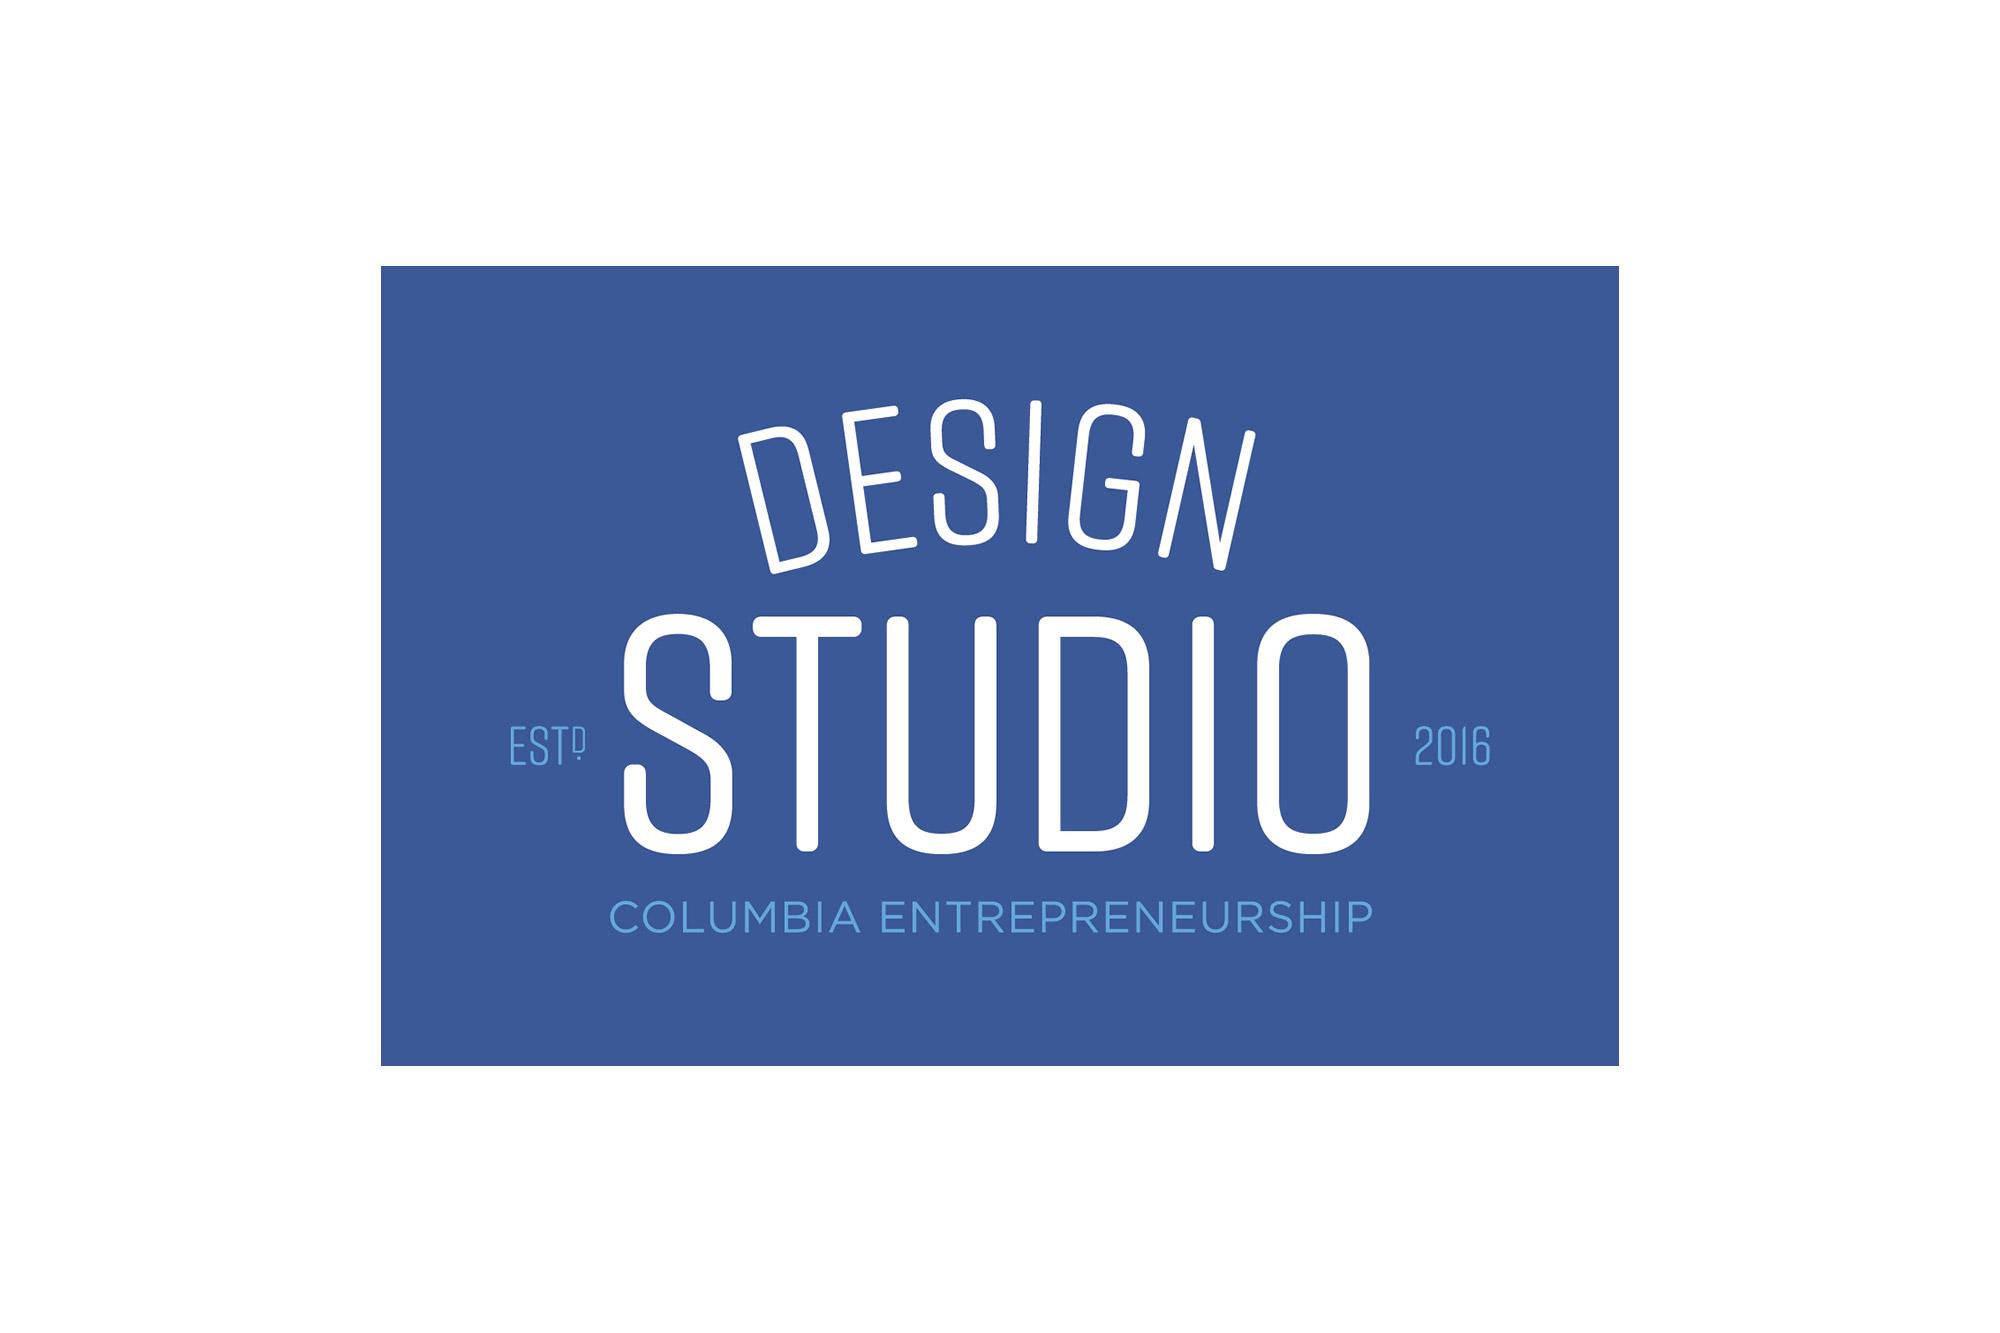 Columbia entrepreneurship design studio columbia for The design studio